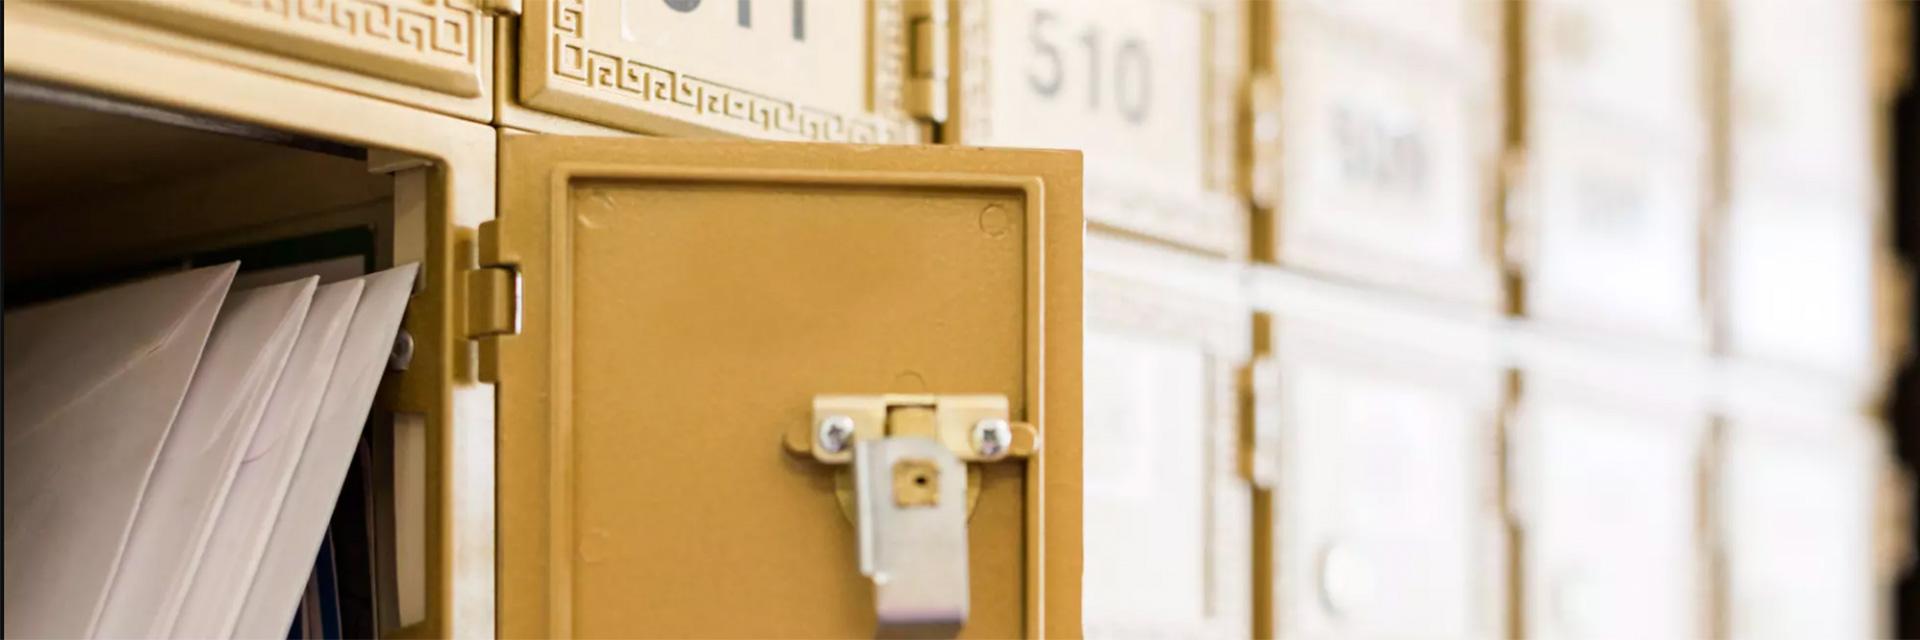 外贸开发信附言P.S.的威力和妙用